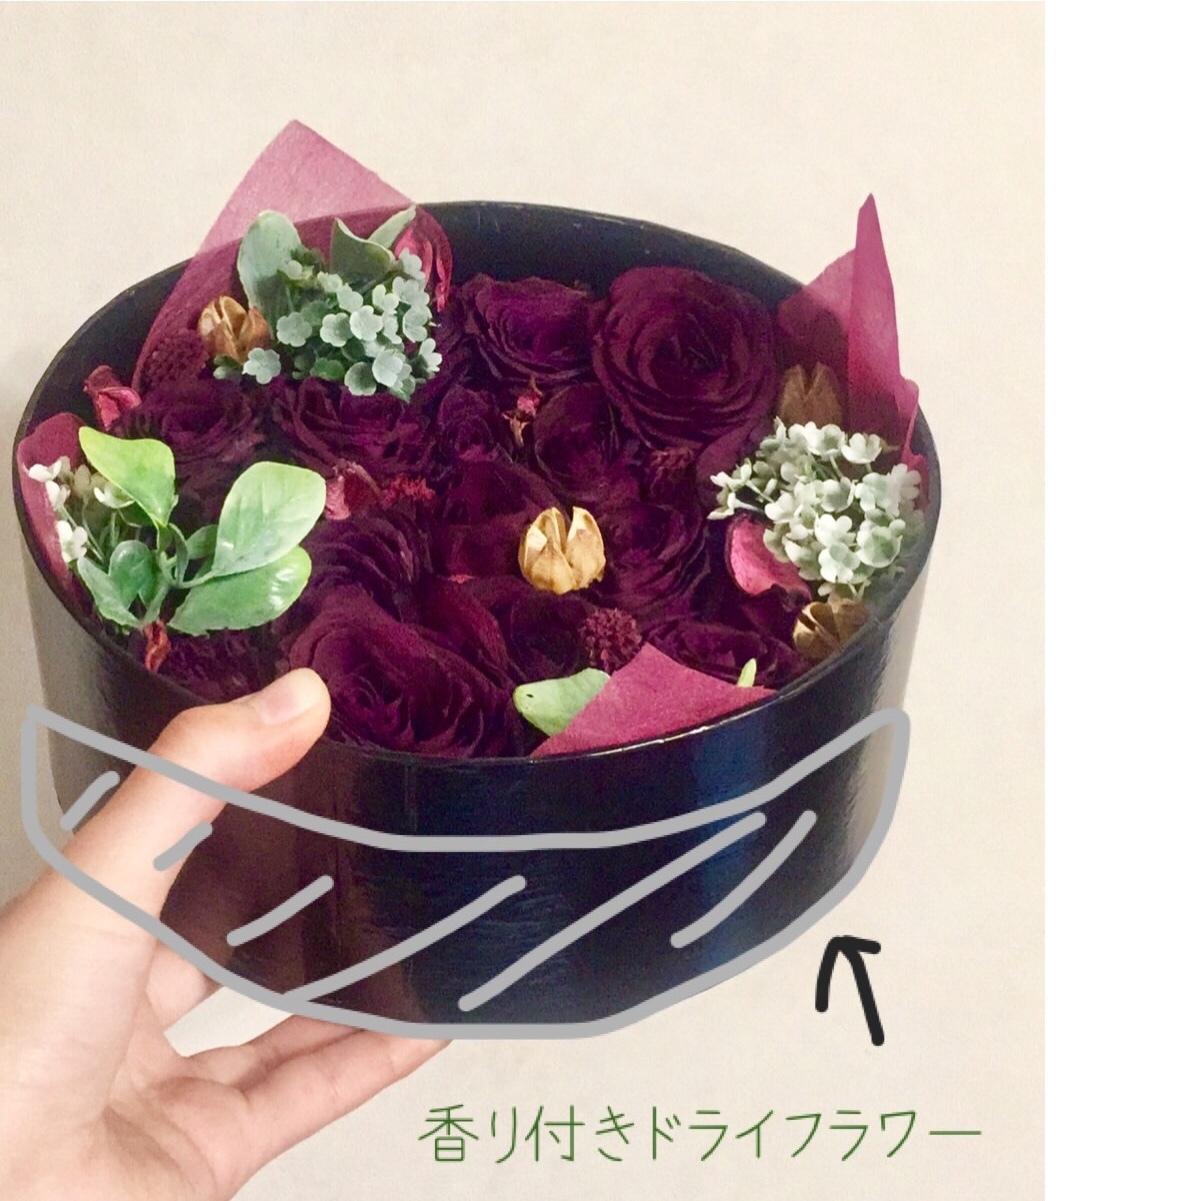 花束をそのまま!『ドライフラワーボックス』の作り方!_1_6